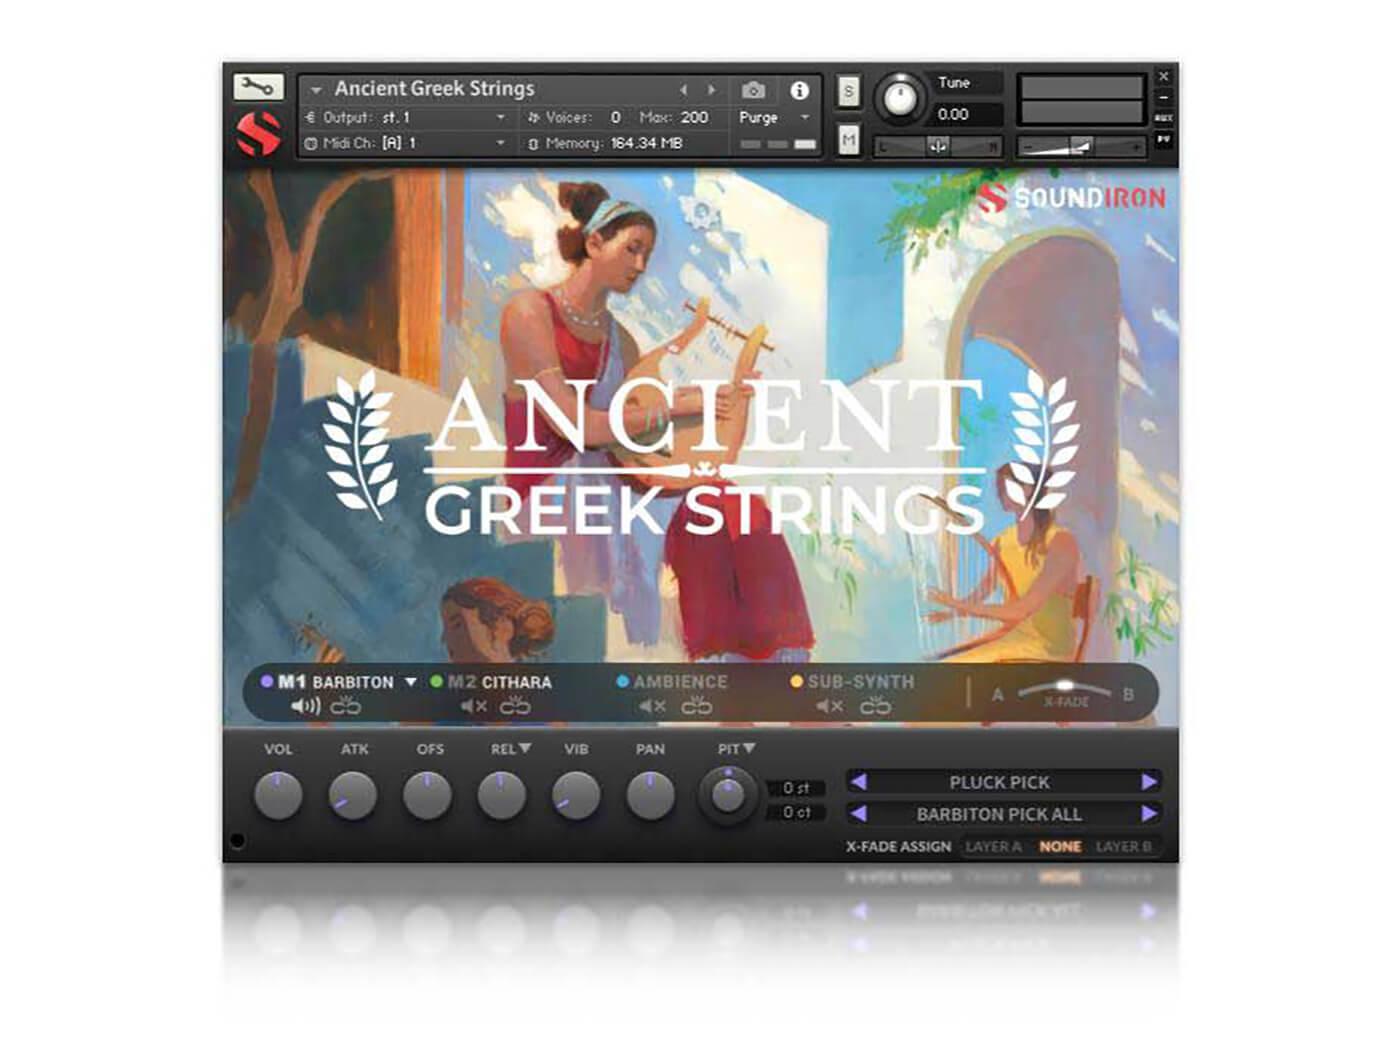 Soundiron - Ancient Greek Strings